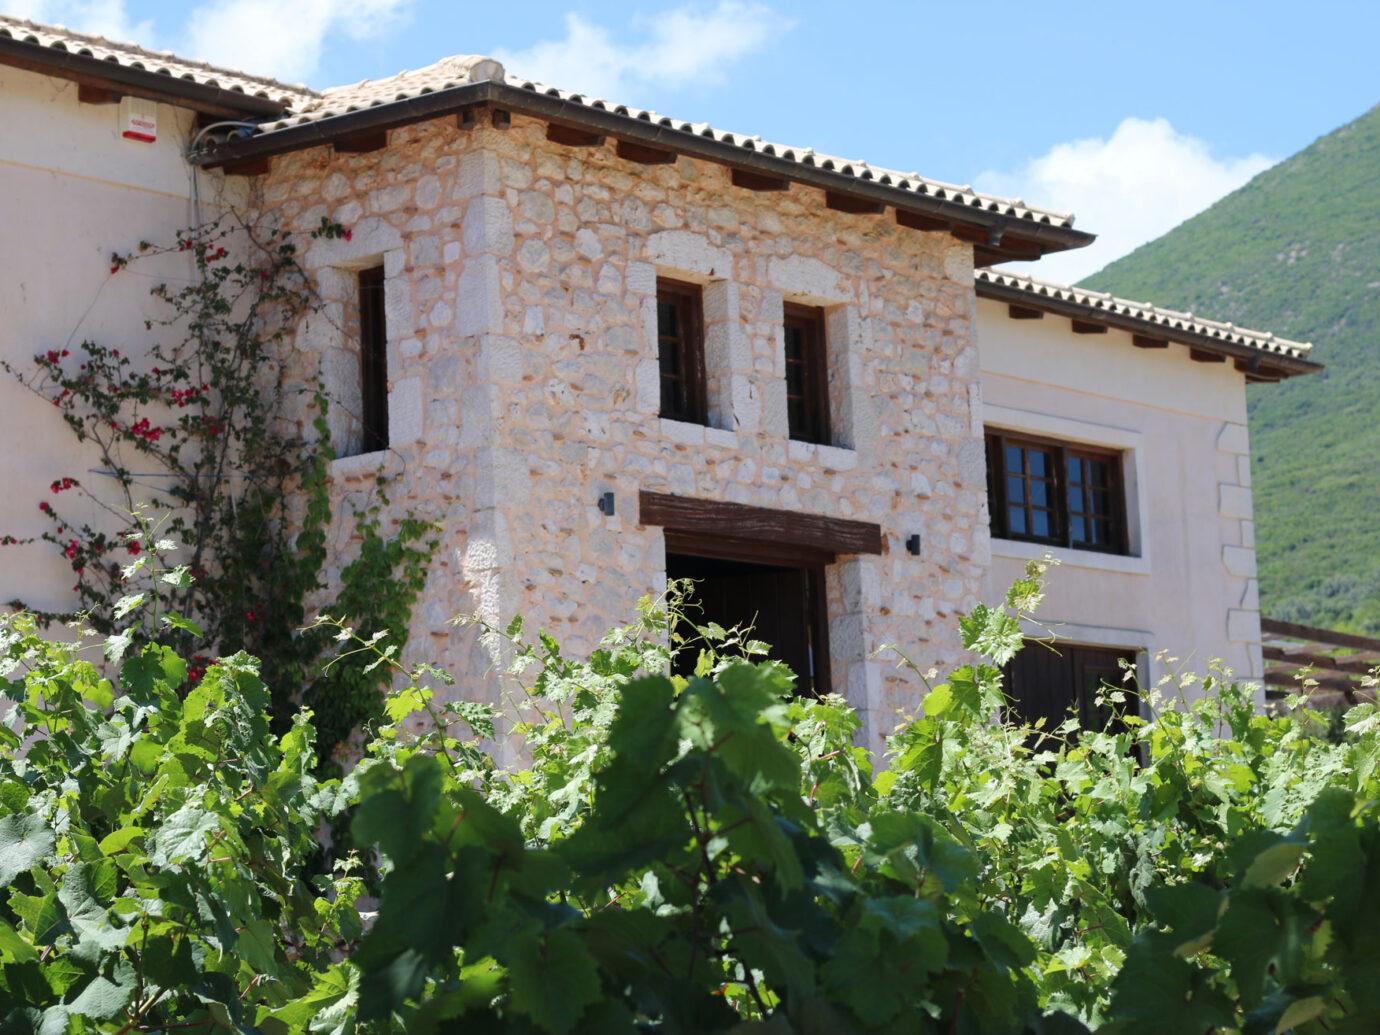 Winery in greece